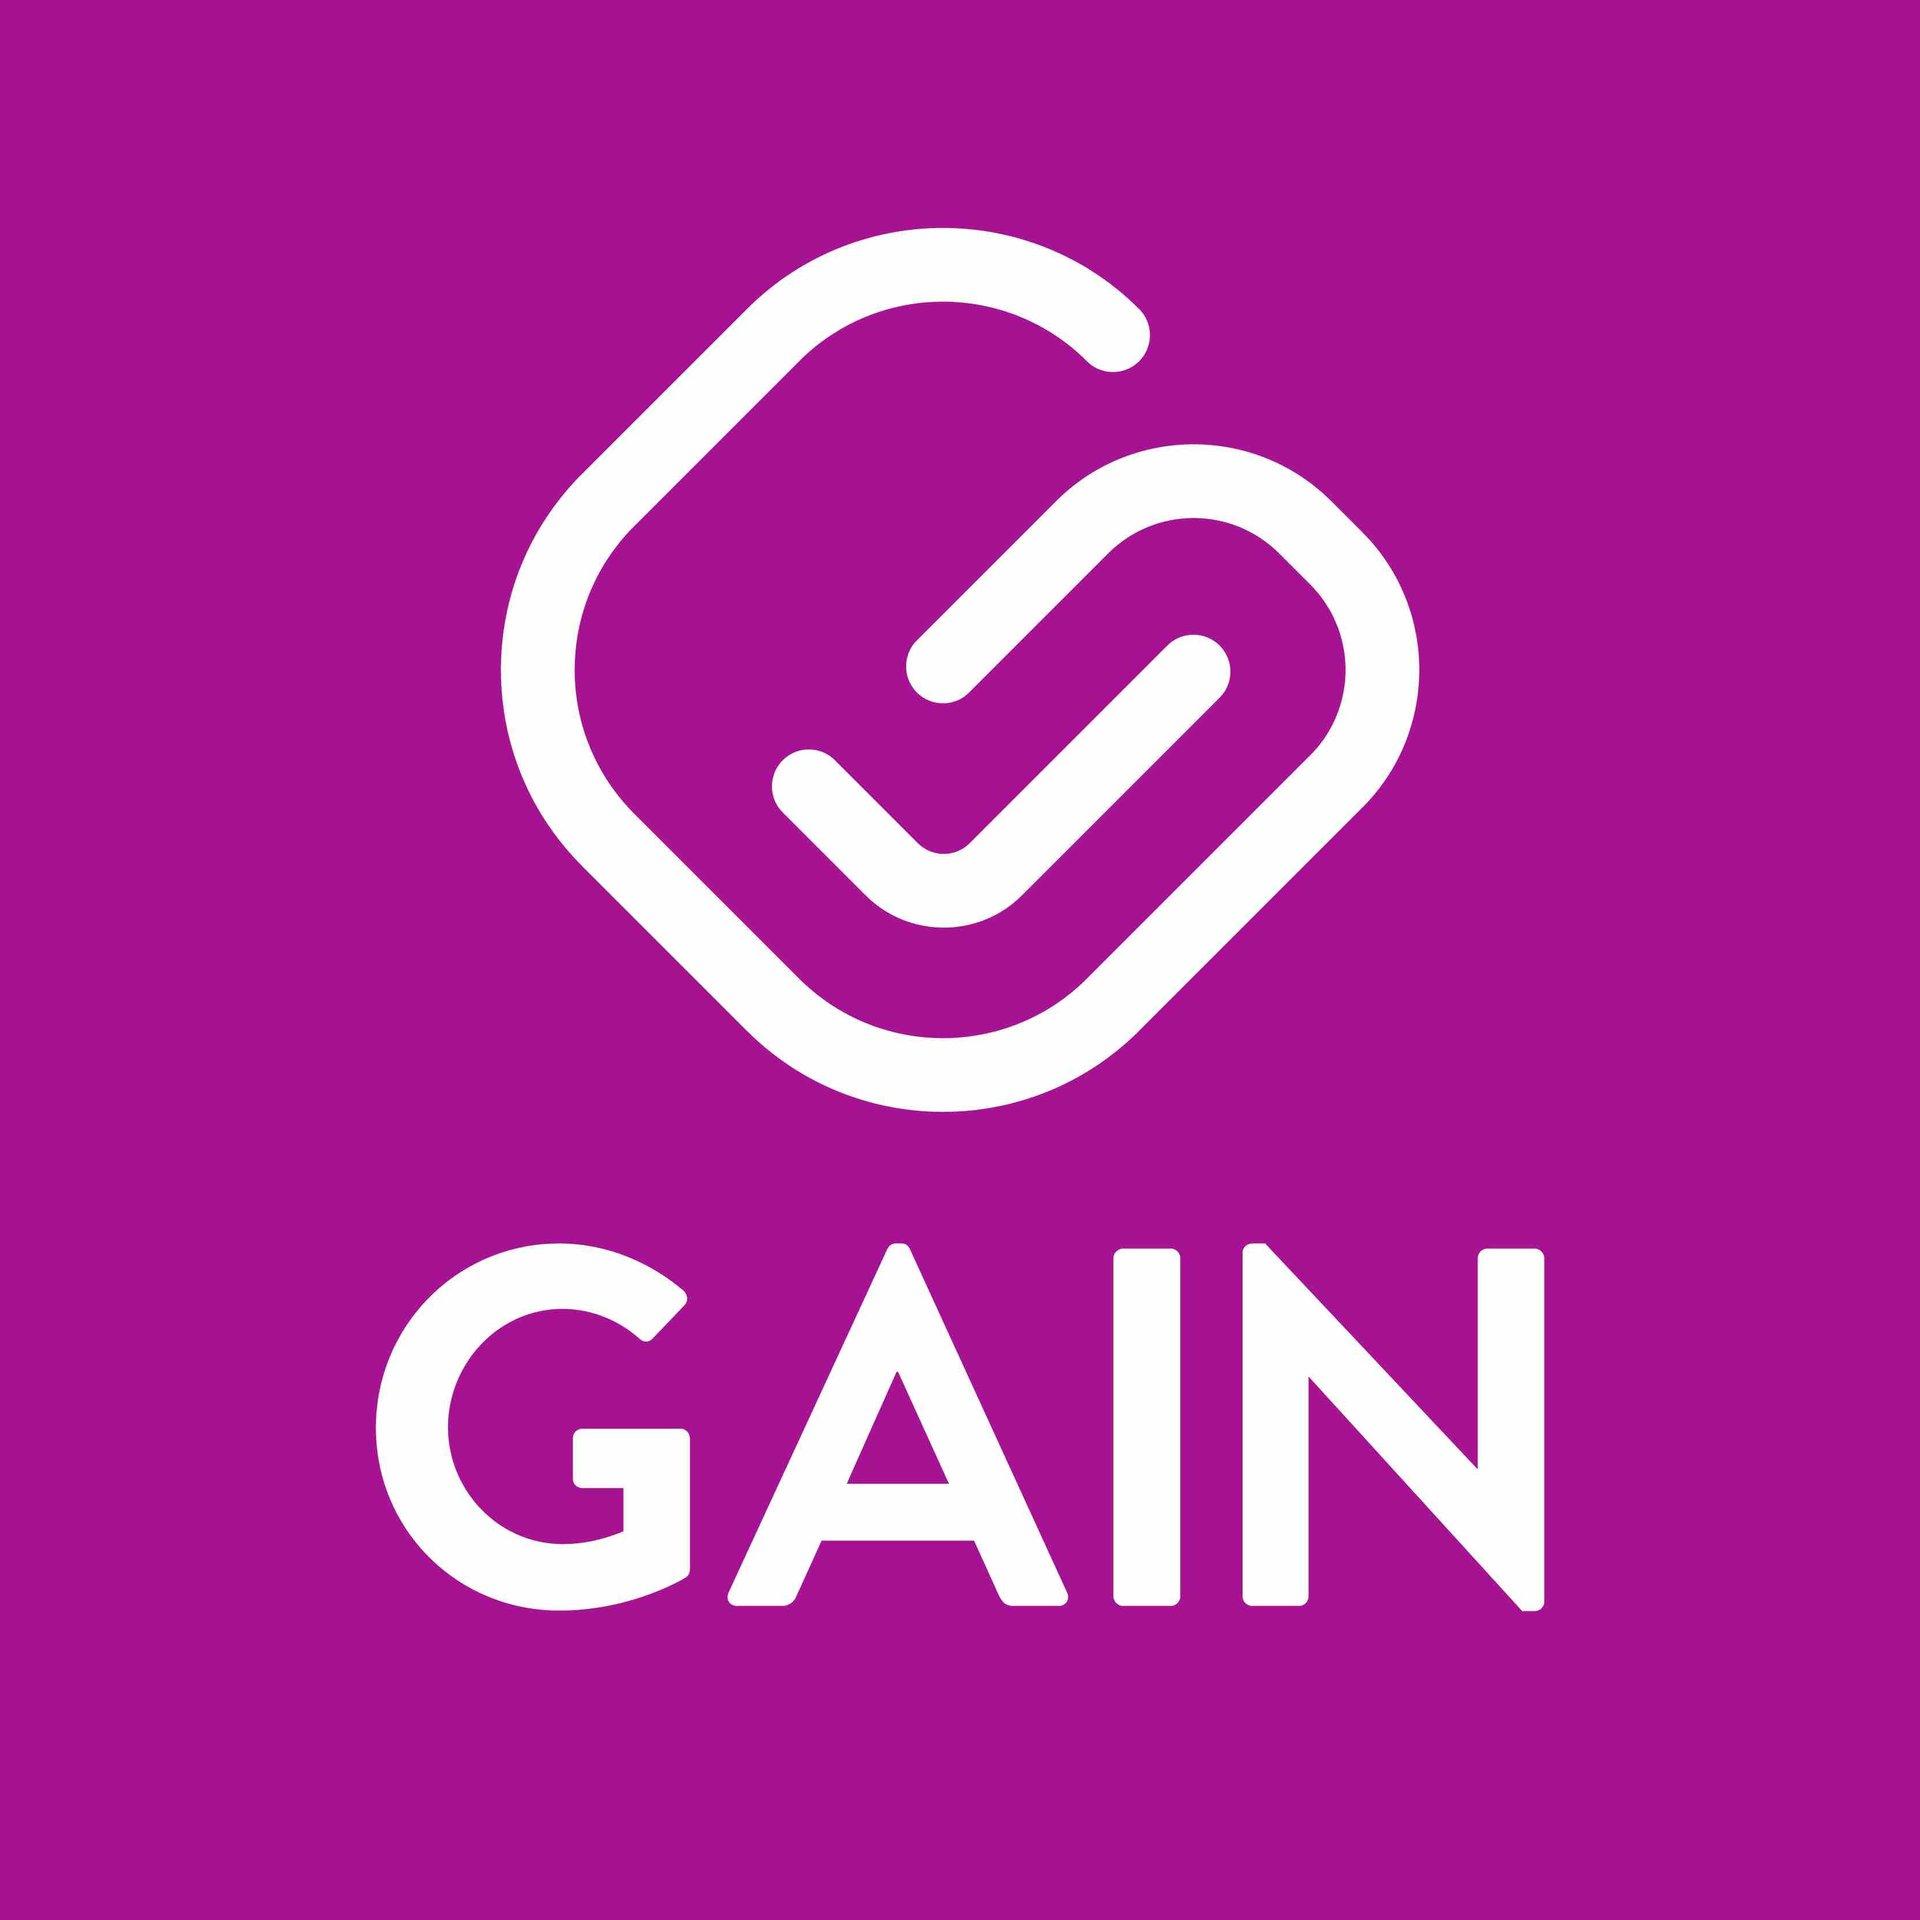 GainApp